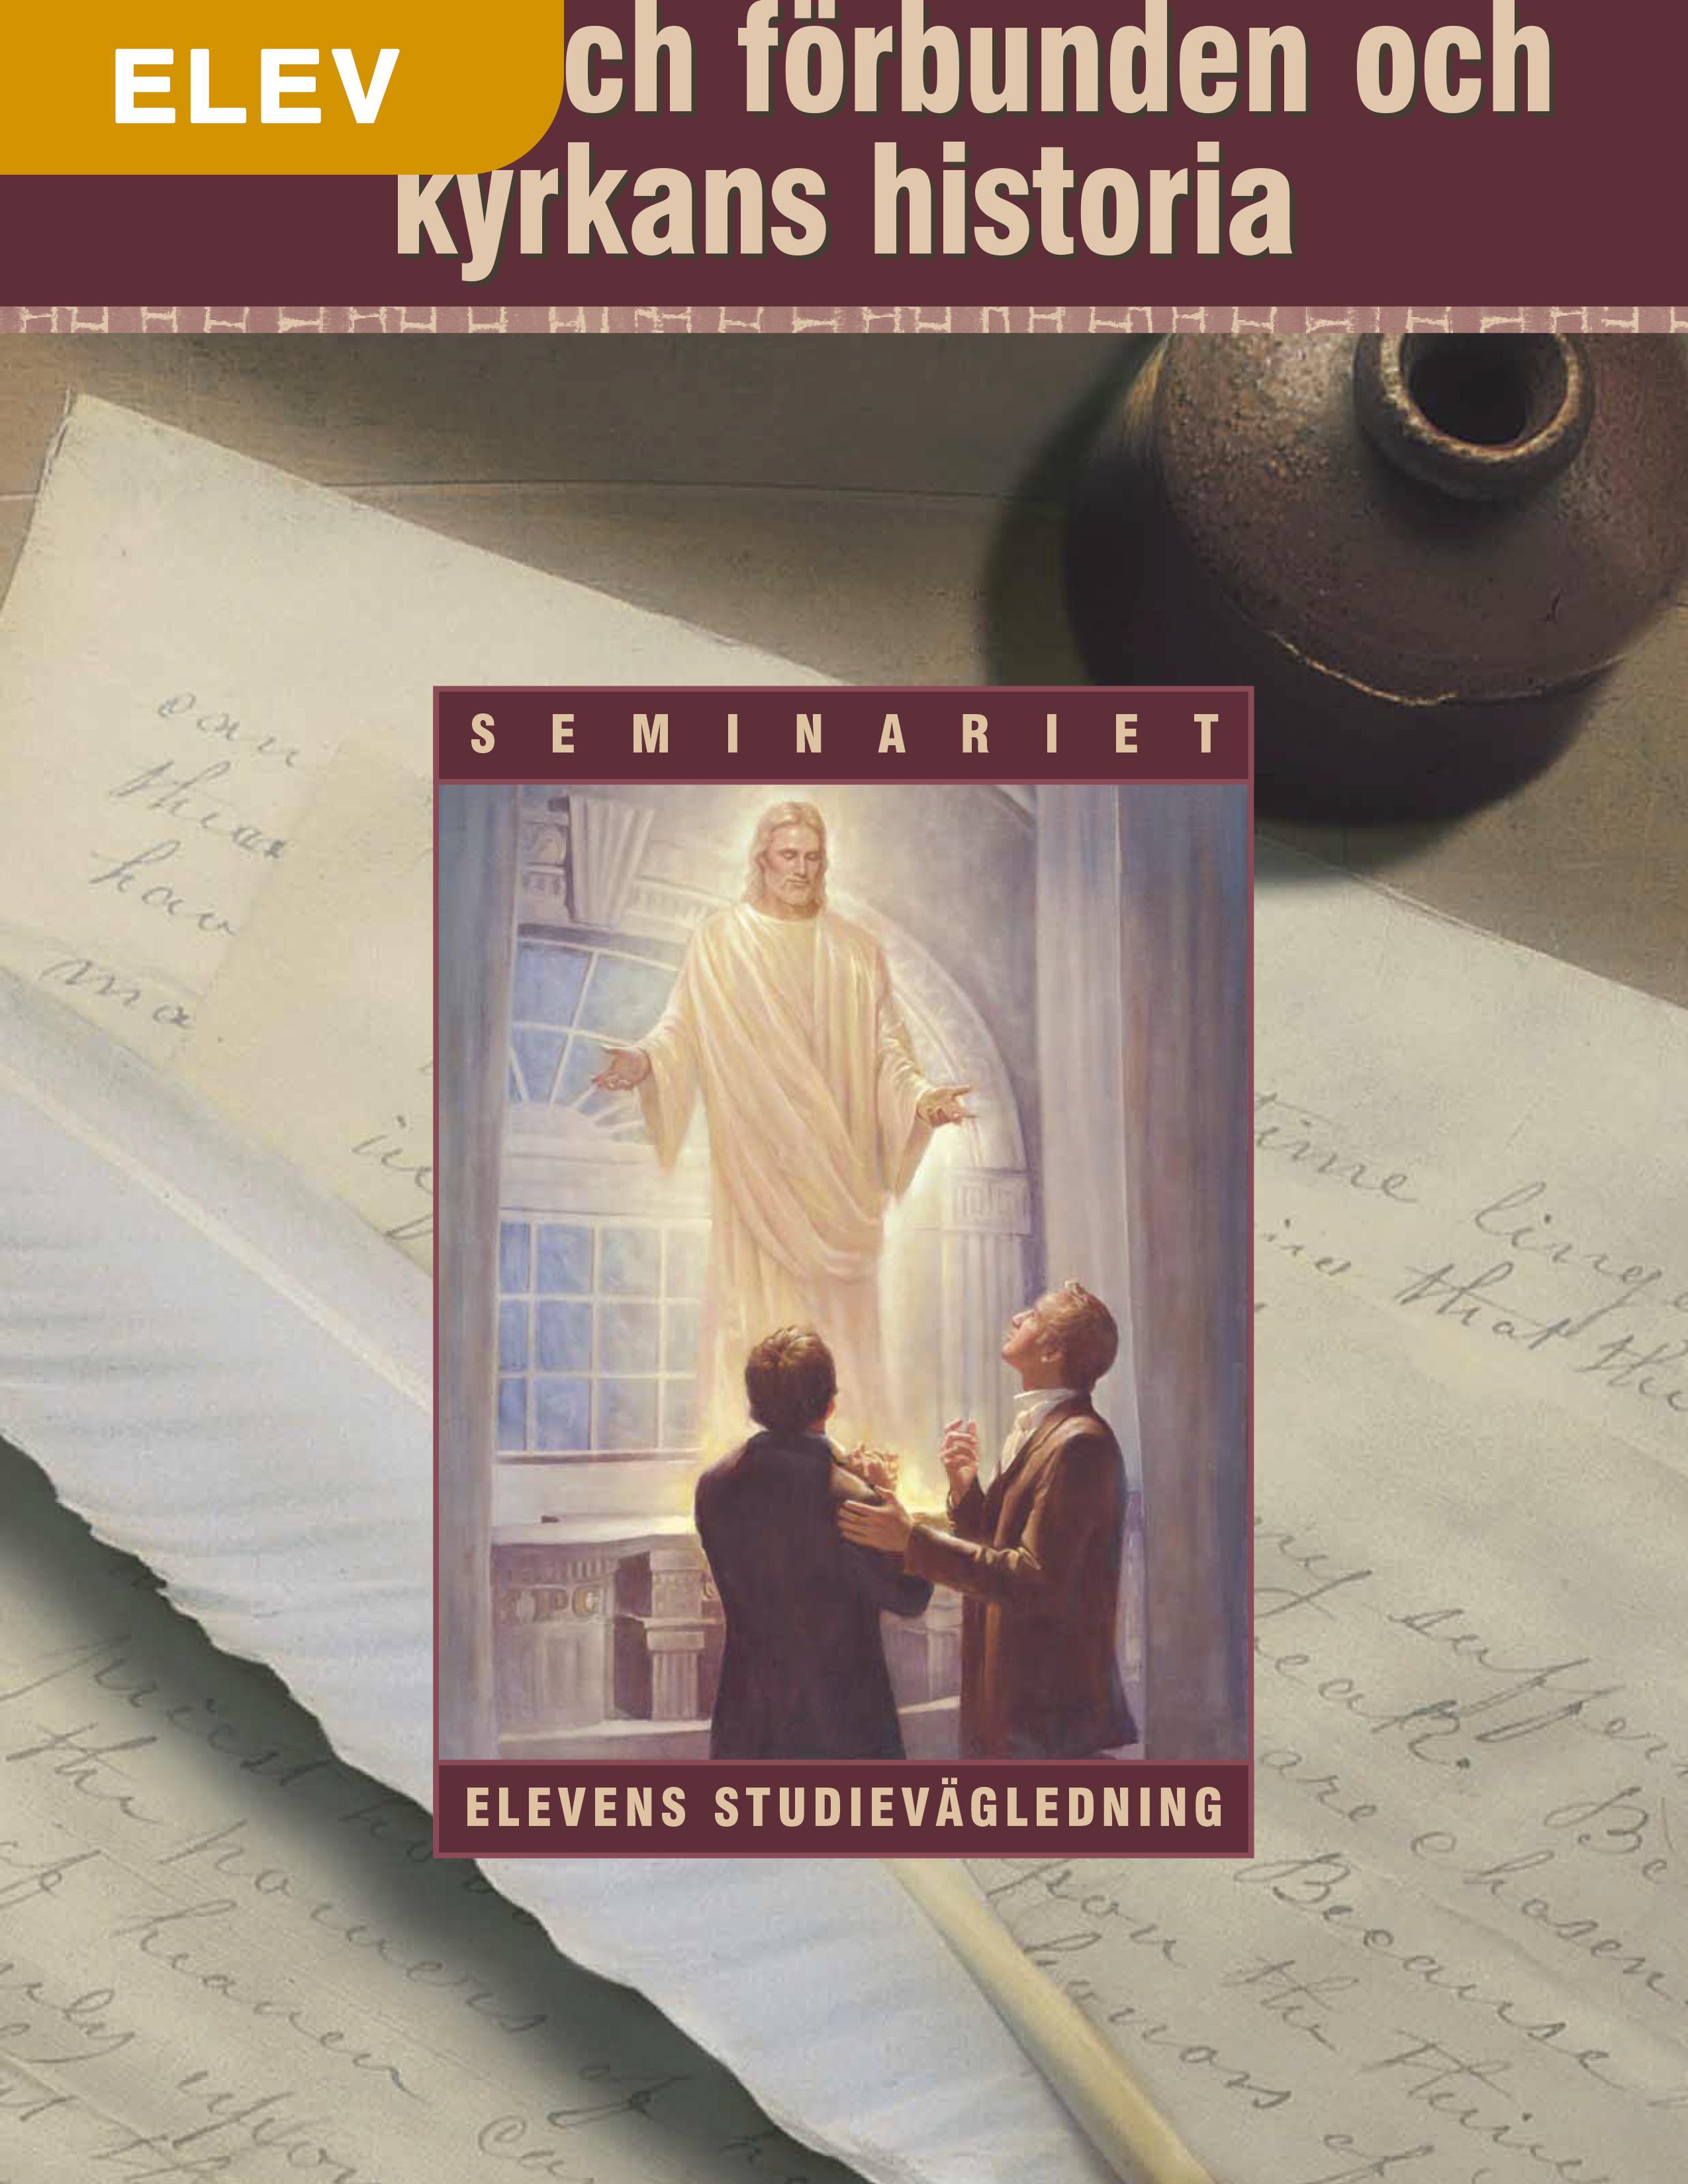 Läran och förbunden och kyrkans historia – Seminariet, Elevens studievägledning